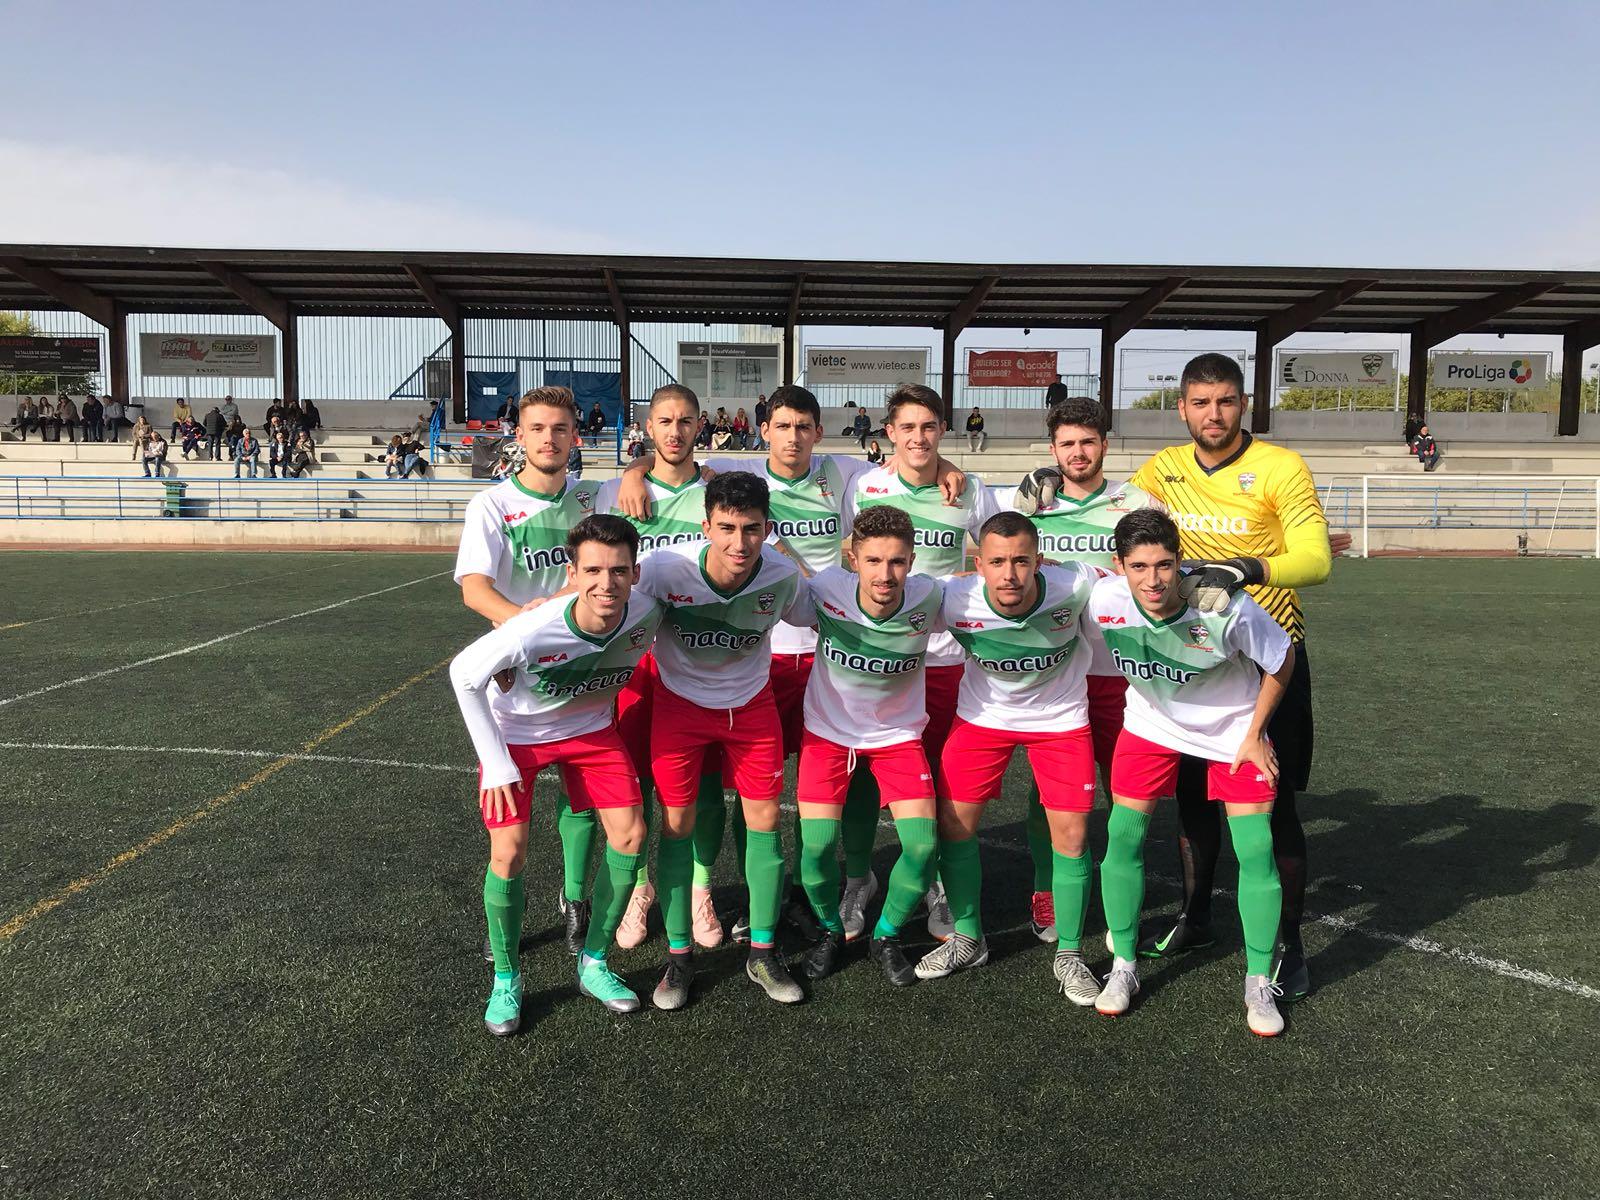 """PREFERENTE/ Derrota del equipo Aficionado frente al C.D. Lugo Fuenlabrada """"A"""""""